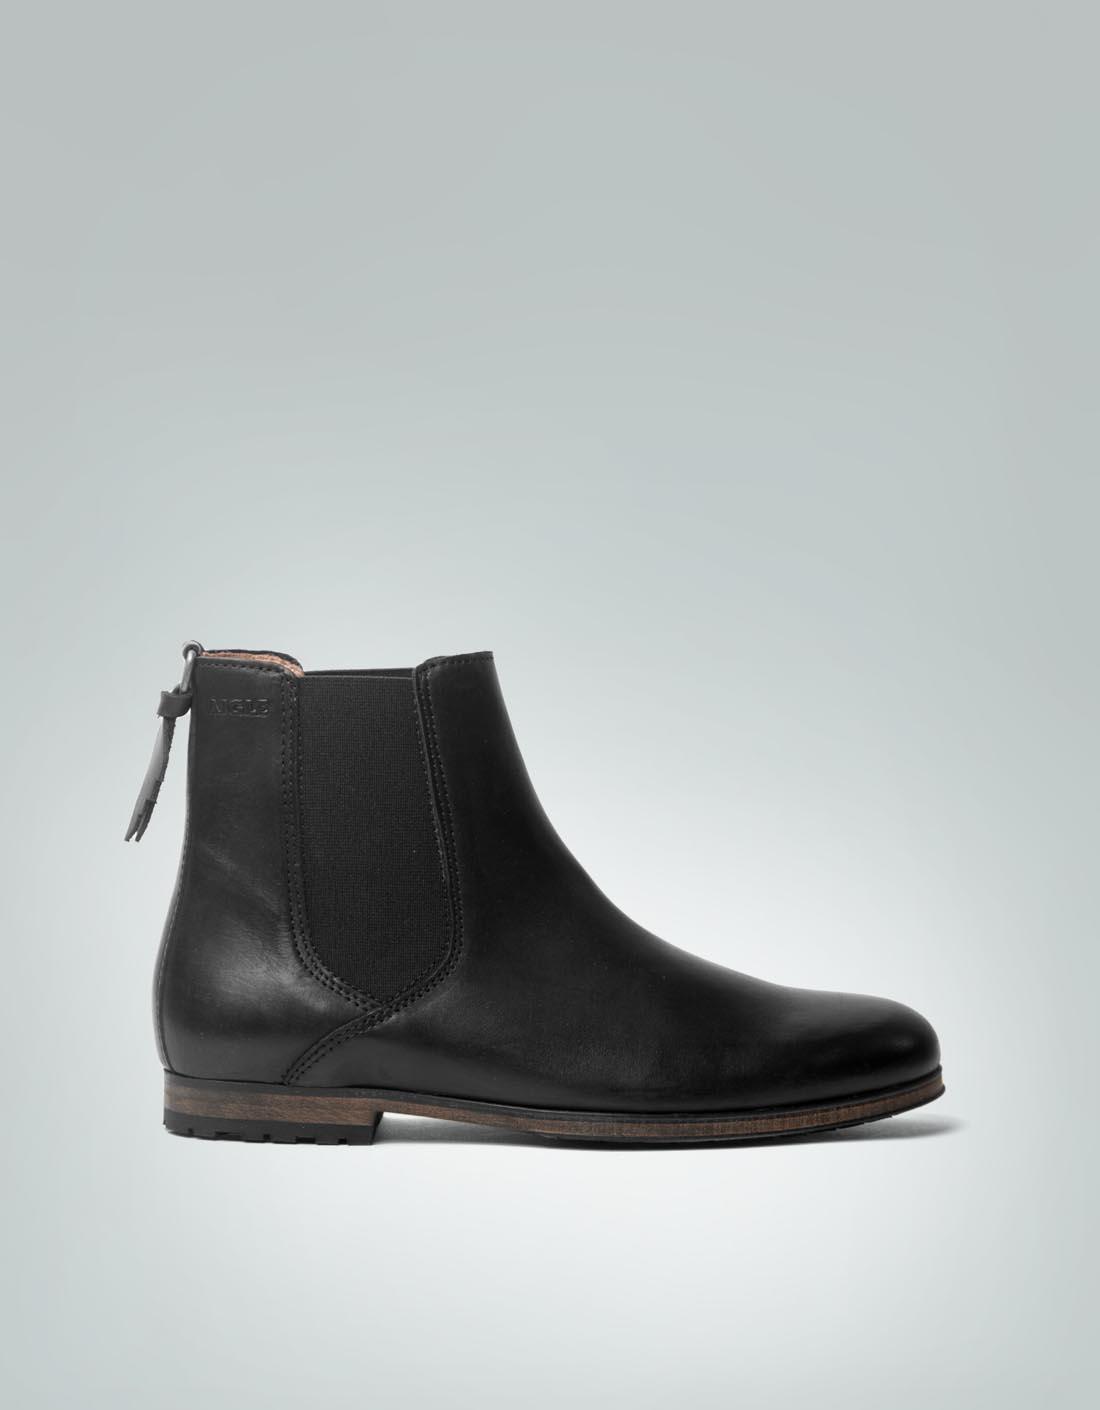 518616953ef7b7 Aigle Damen Montaigu Chelsea Boots im cleanen Look empfohlen von Deinen  Schwestern